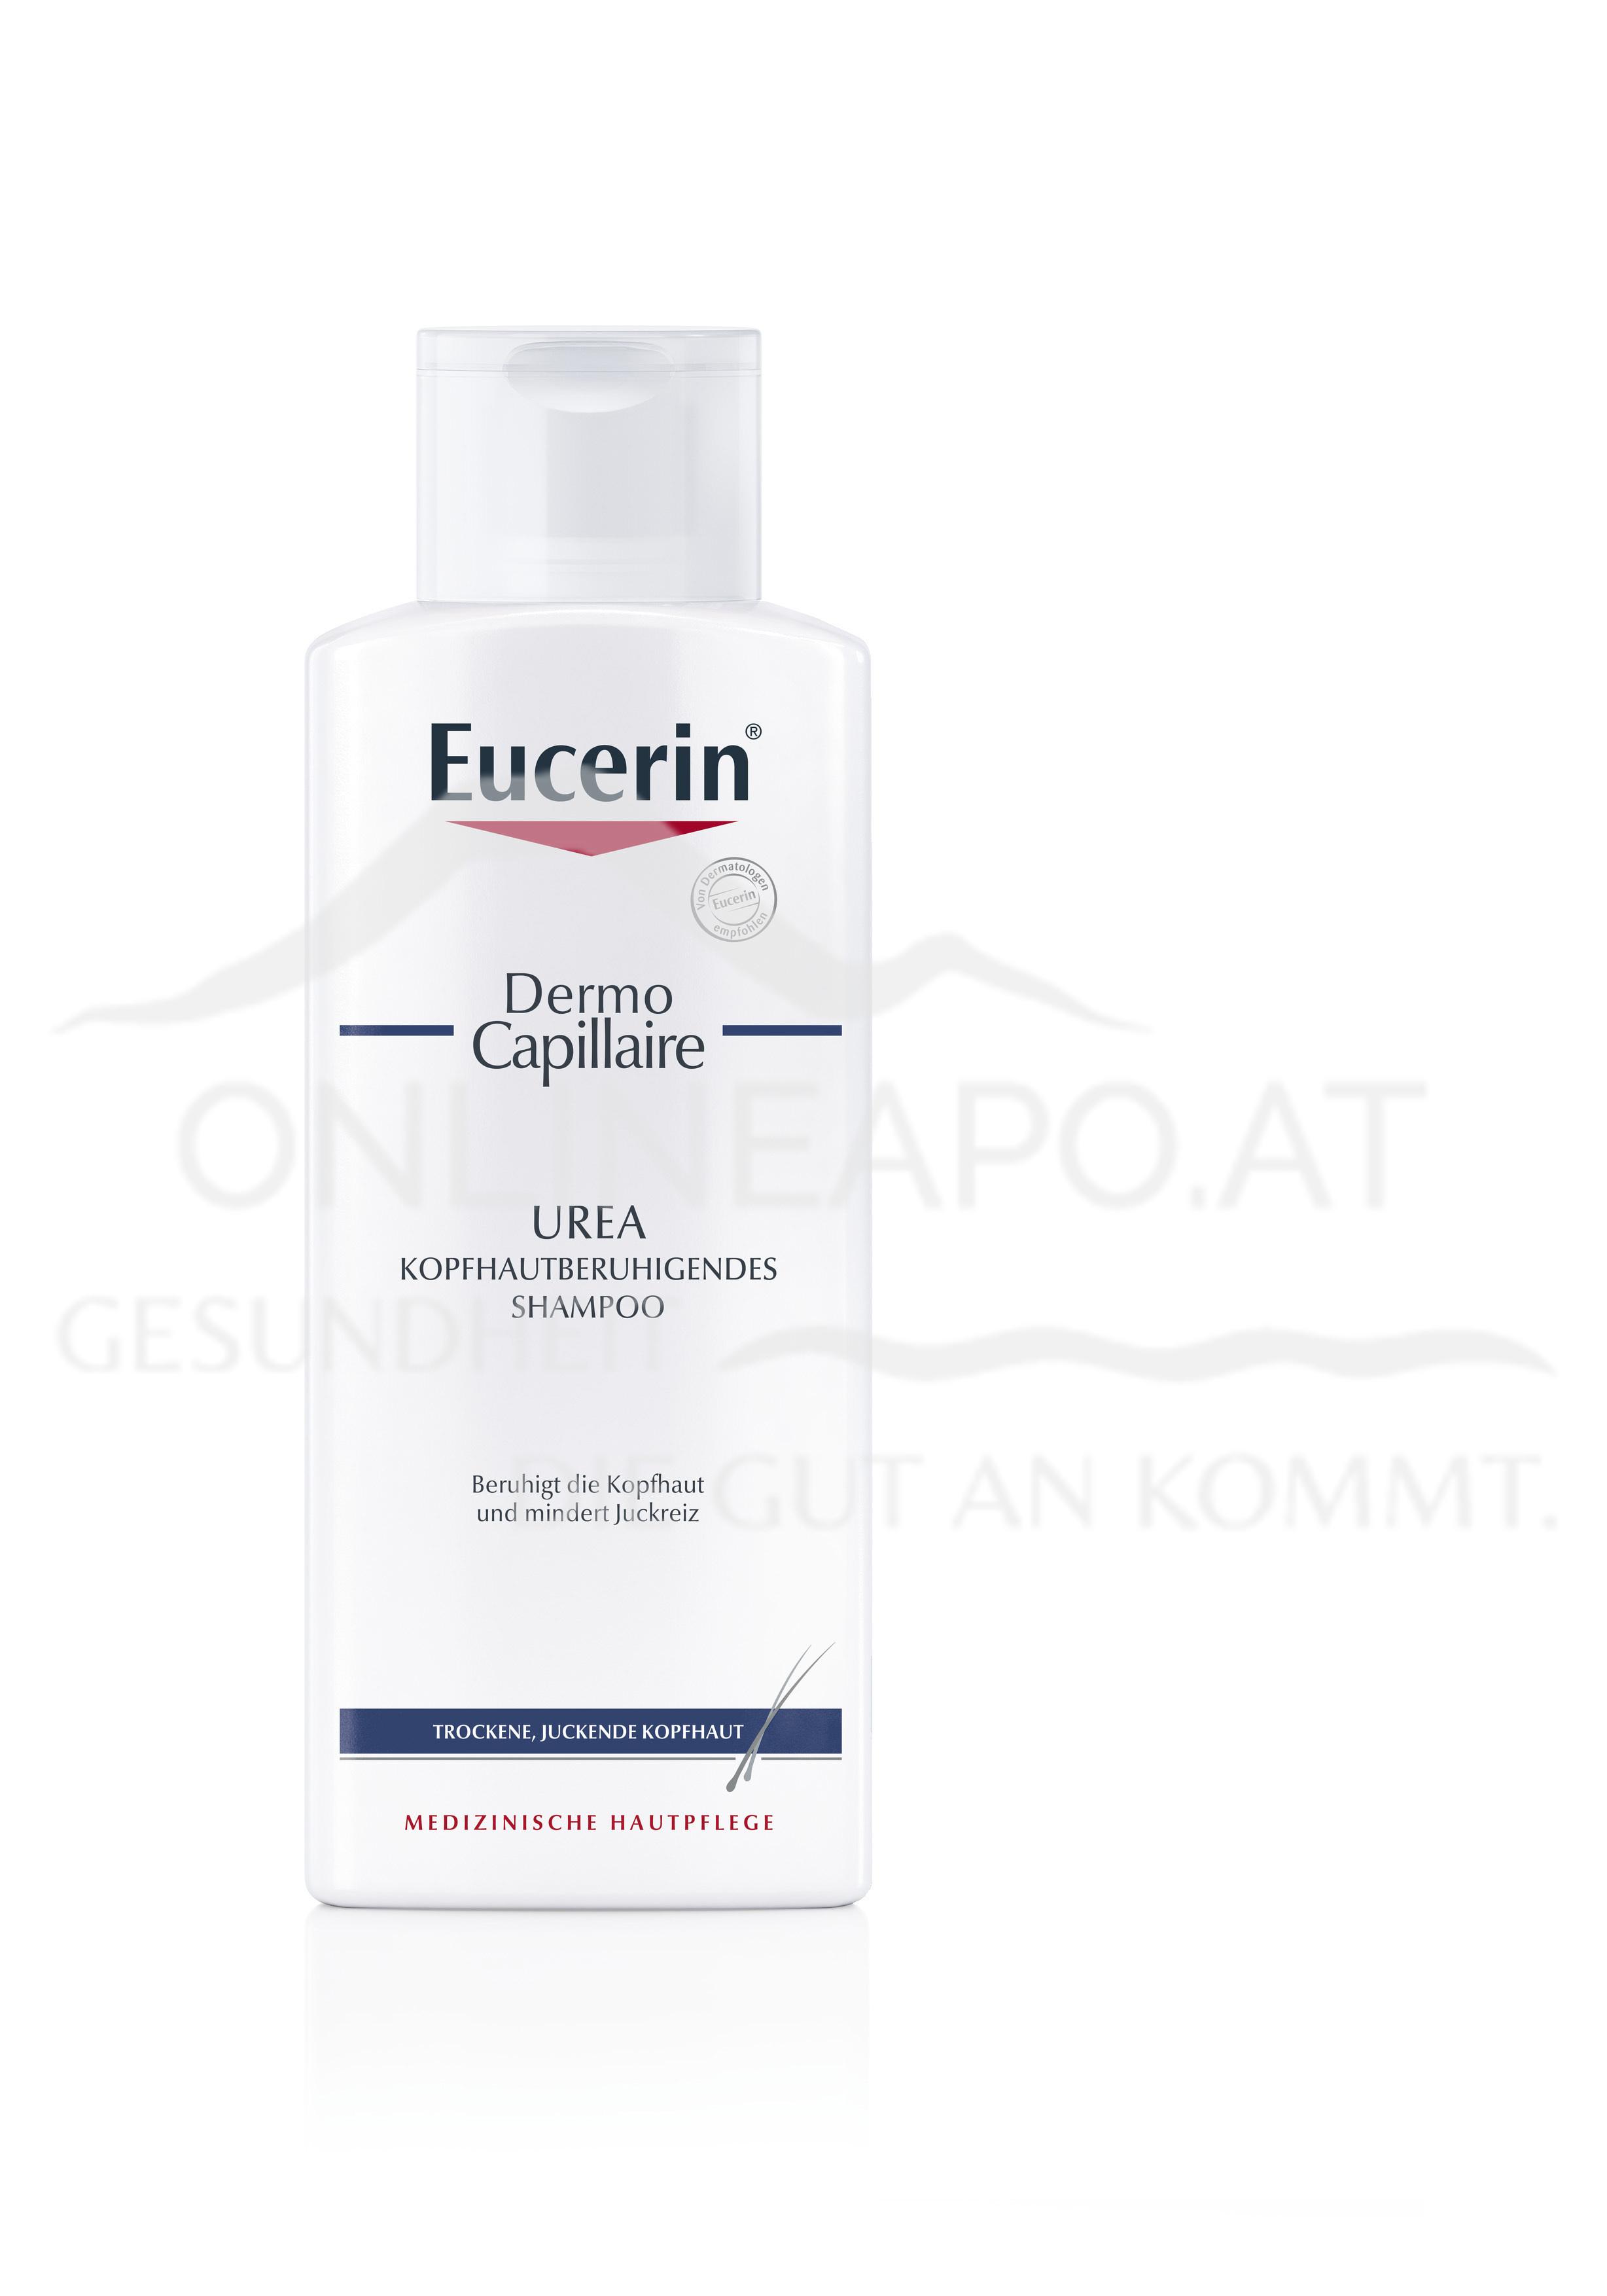 Eucerin DermoCapillaire Shampoo Urea Kopfhautberuhigend